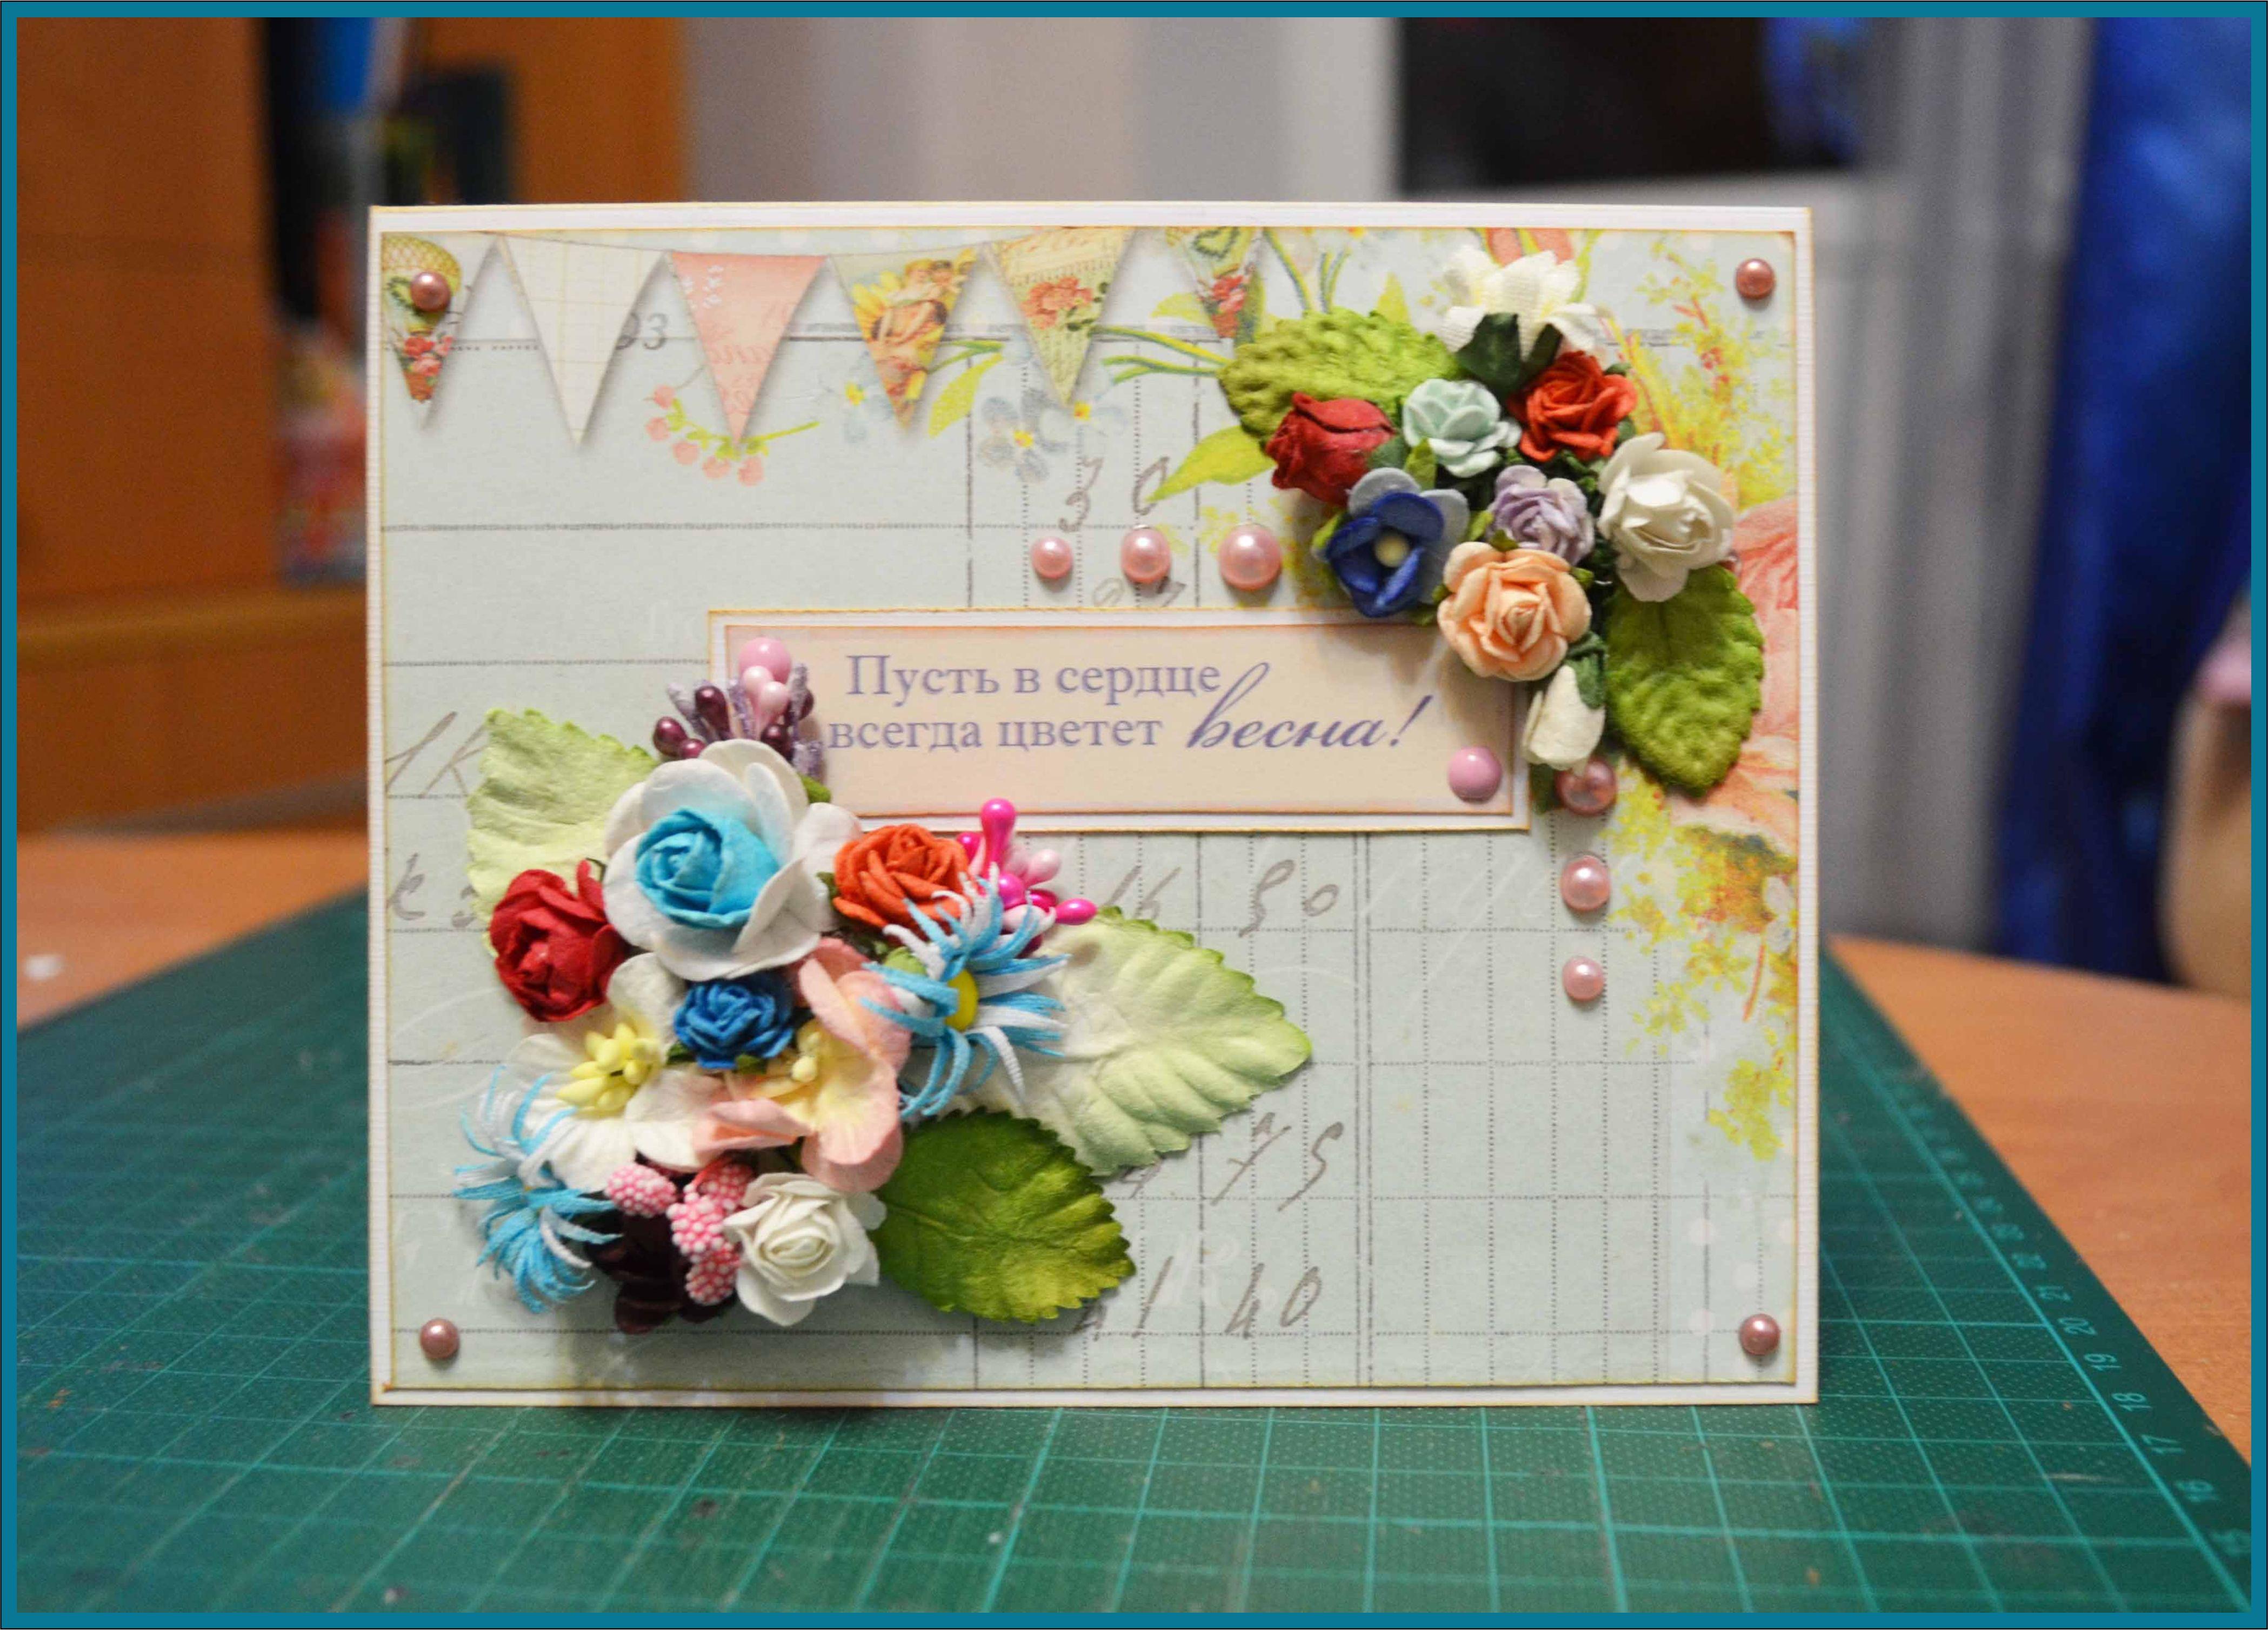 Пример открытки для бабушки, картинки классные